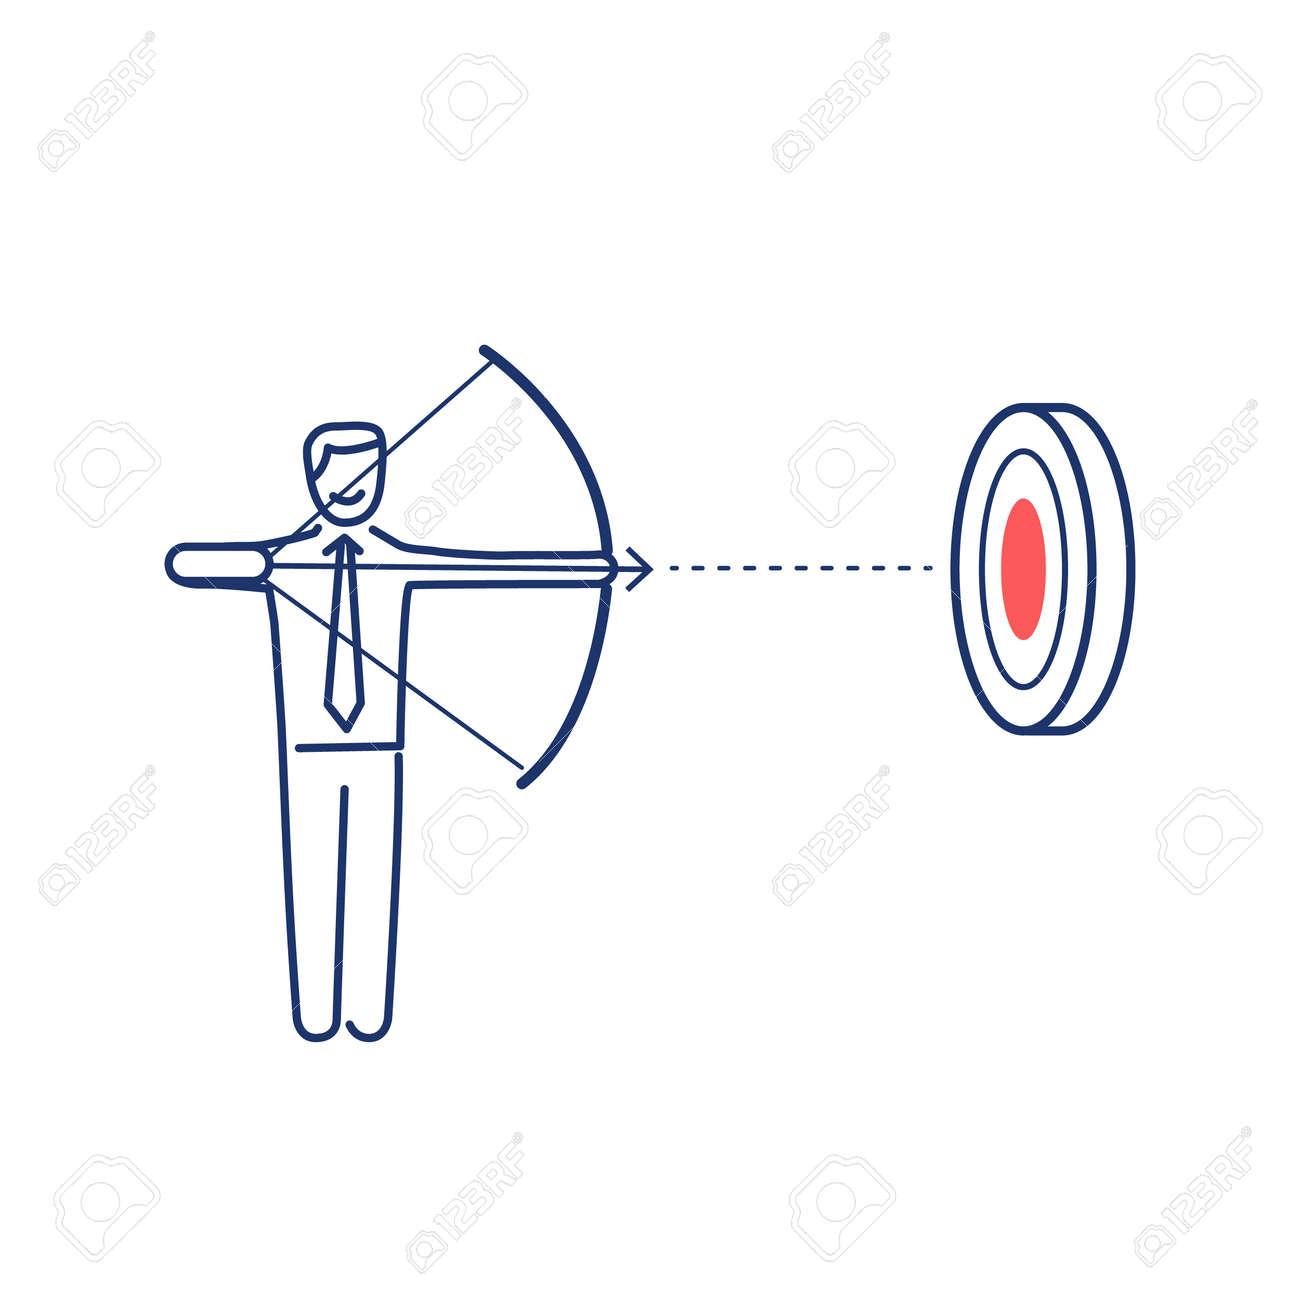 ターゲットを目指しますベクトルの目標に焦点を当てて弓矢を持った